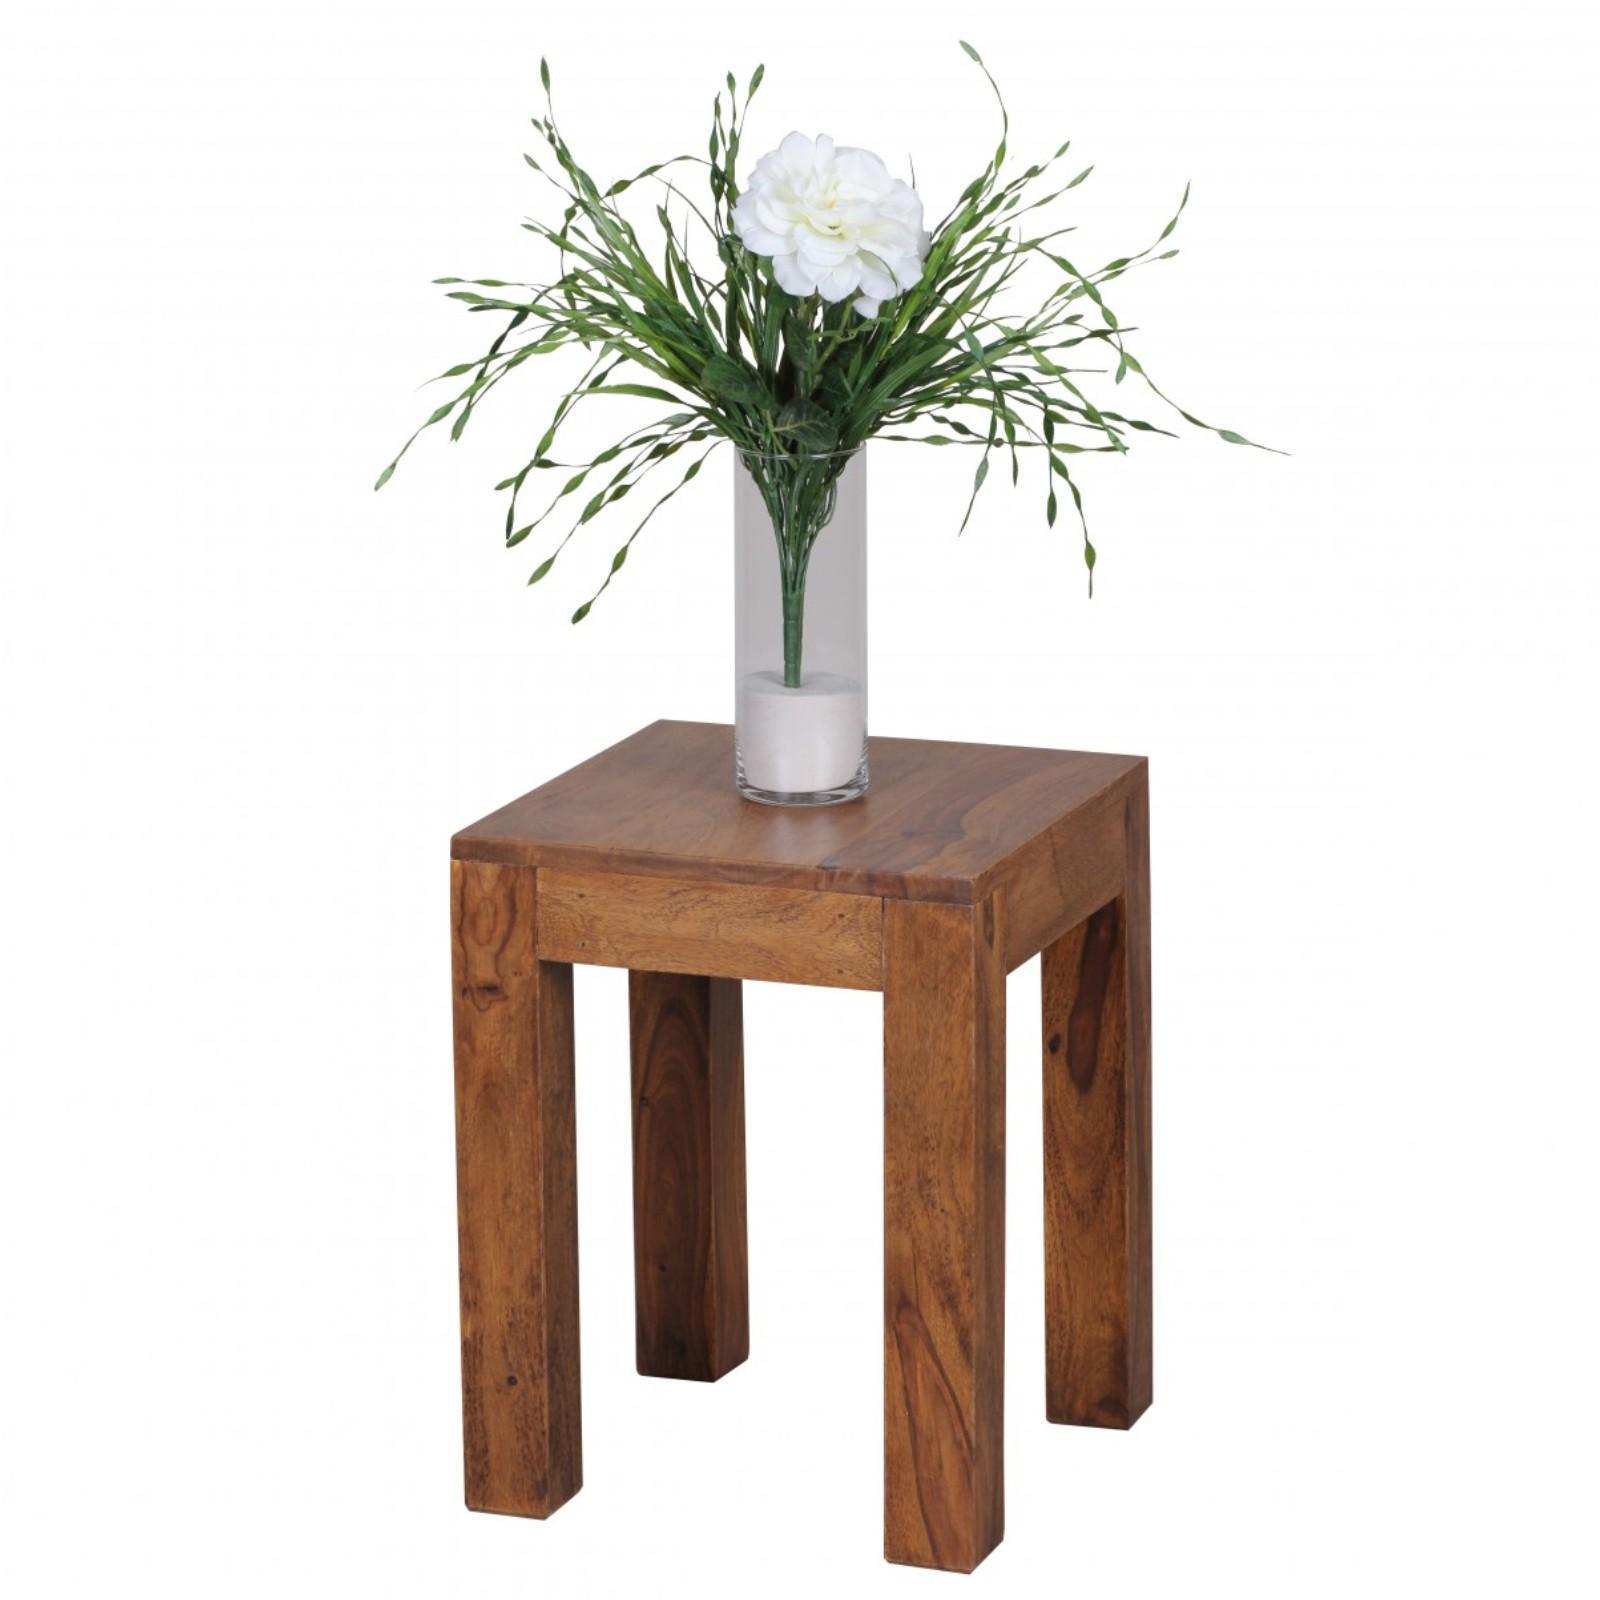 holztisch sheesham holz pflege wohn design. Black Bedroom Furniture Sets. Home Design Ideas